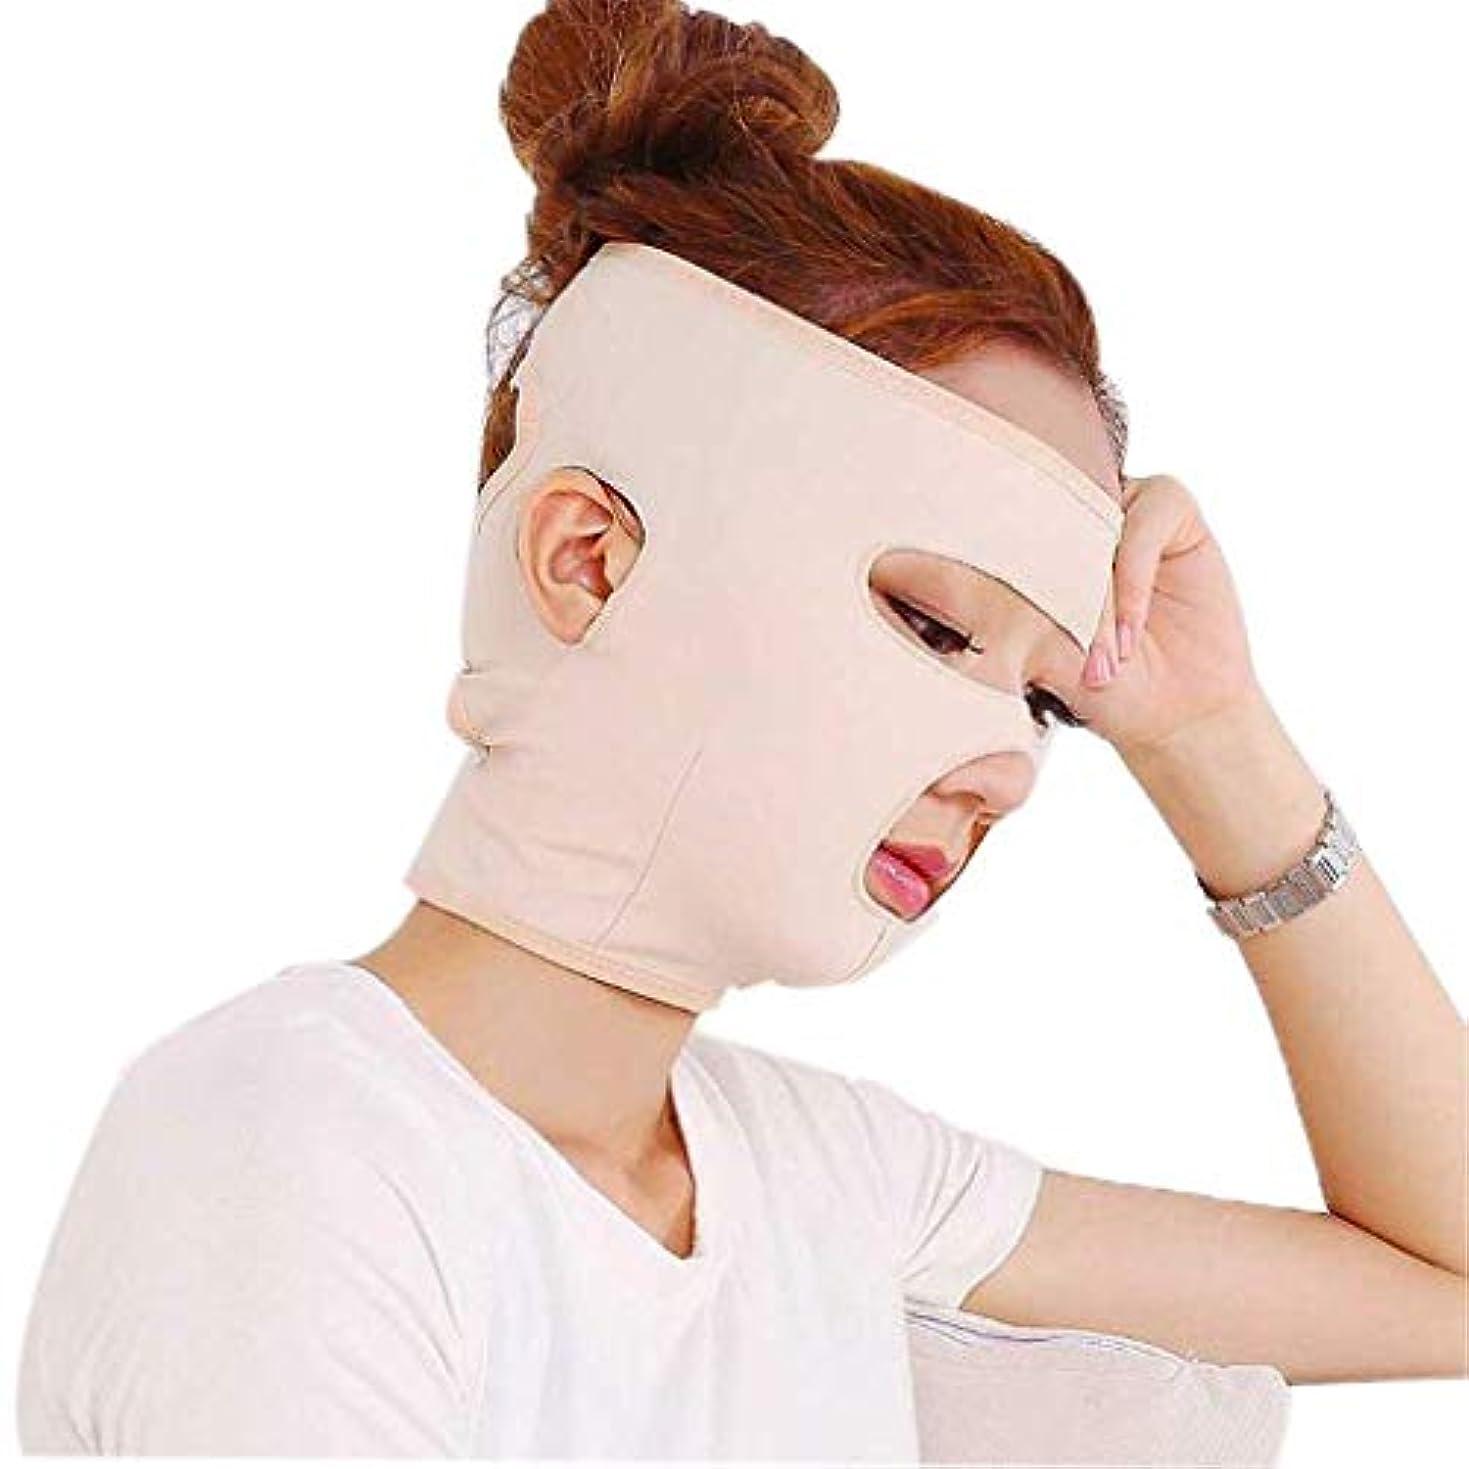 ハード怒り合理的フェイスリフティングマスク、フルフェイス通気性の術後回復包帯リフティング引き締め肌の減少により小さなVフェイスマスクを作成(サイズ:L)